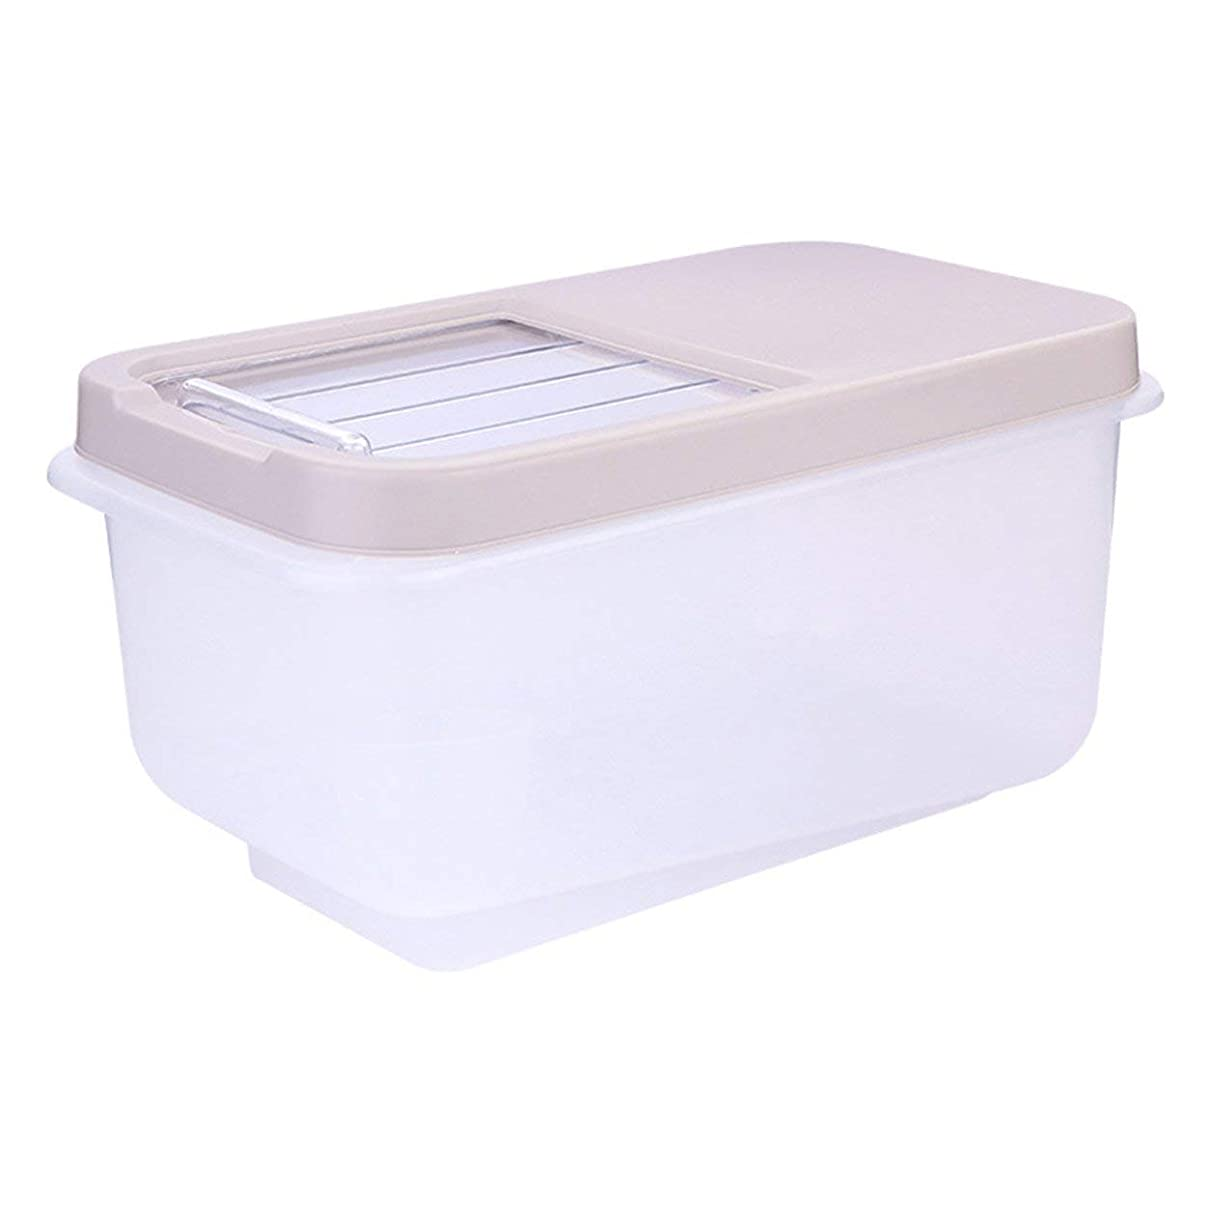 戻るいま資料Saikogoods 家庭の使用キッチンストレージオーガナイザーは 封印された食品のストレージを乾燥ボックス防湿ライスビン豆穀物コンテナオーガナイザー アプリコット